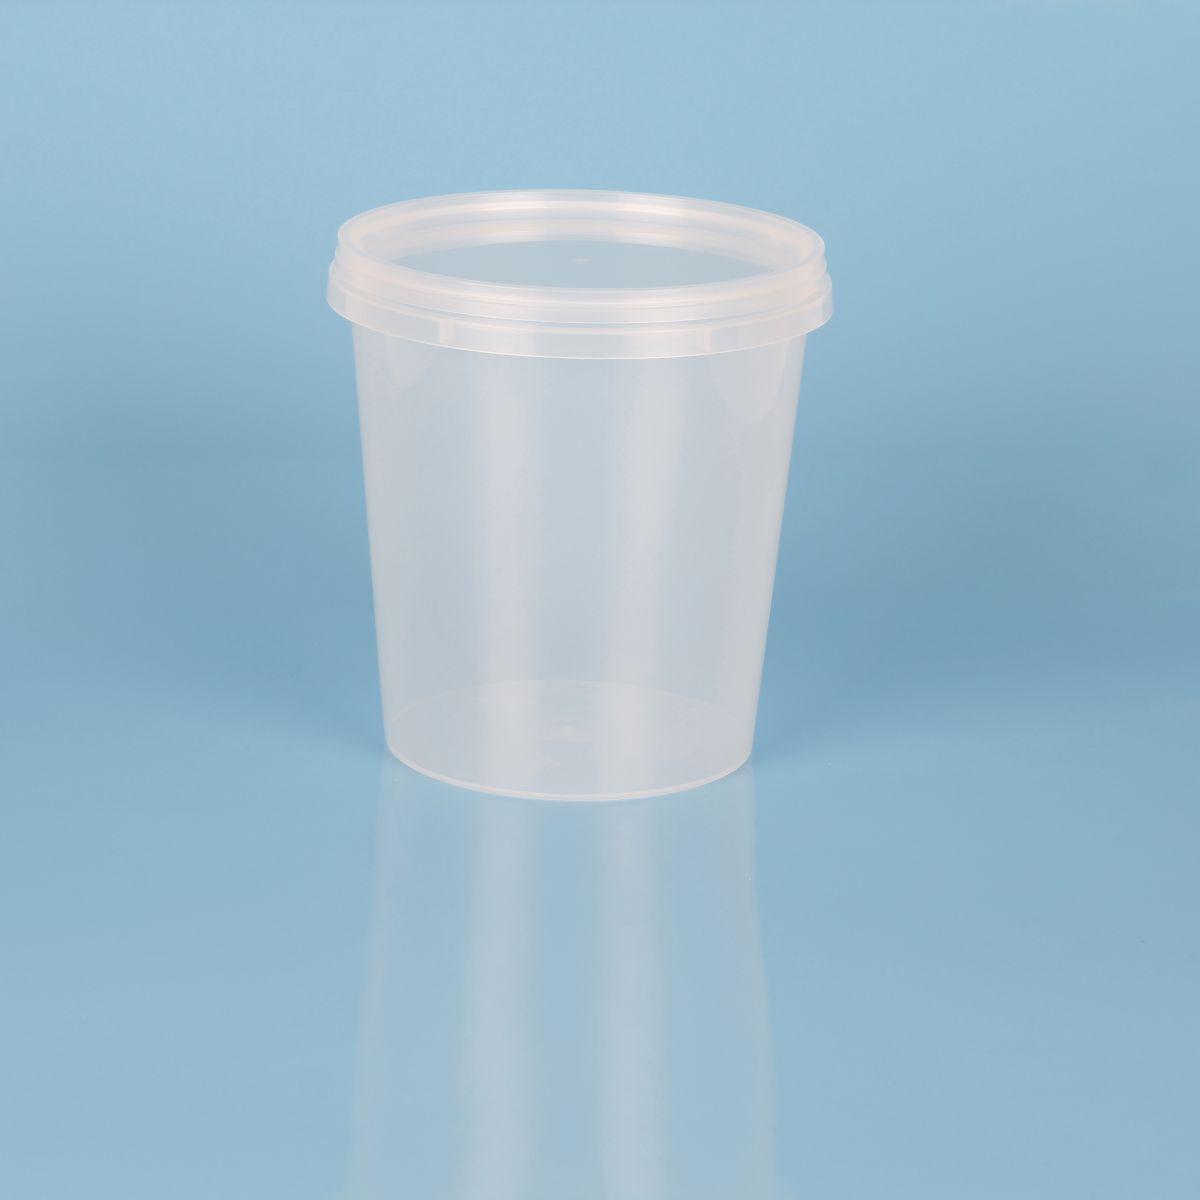 Barattolo in plastica per alimenti  – Codice 019013